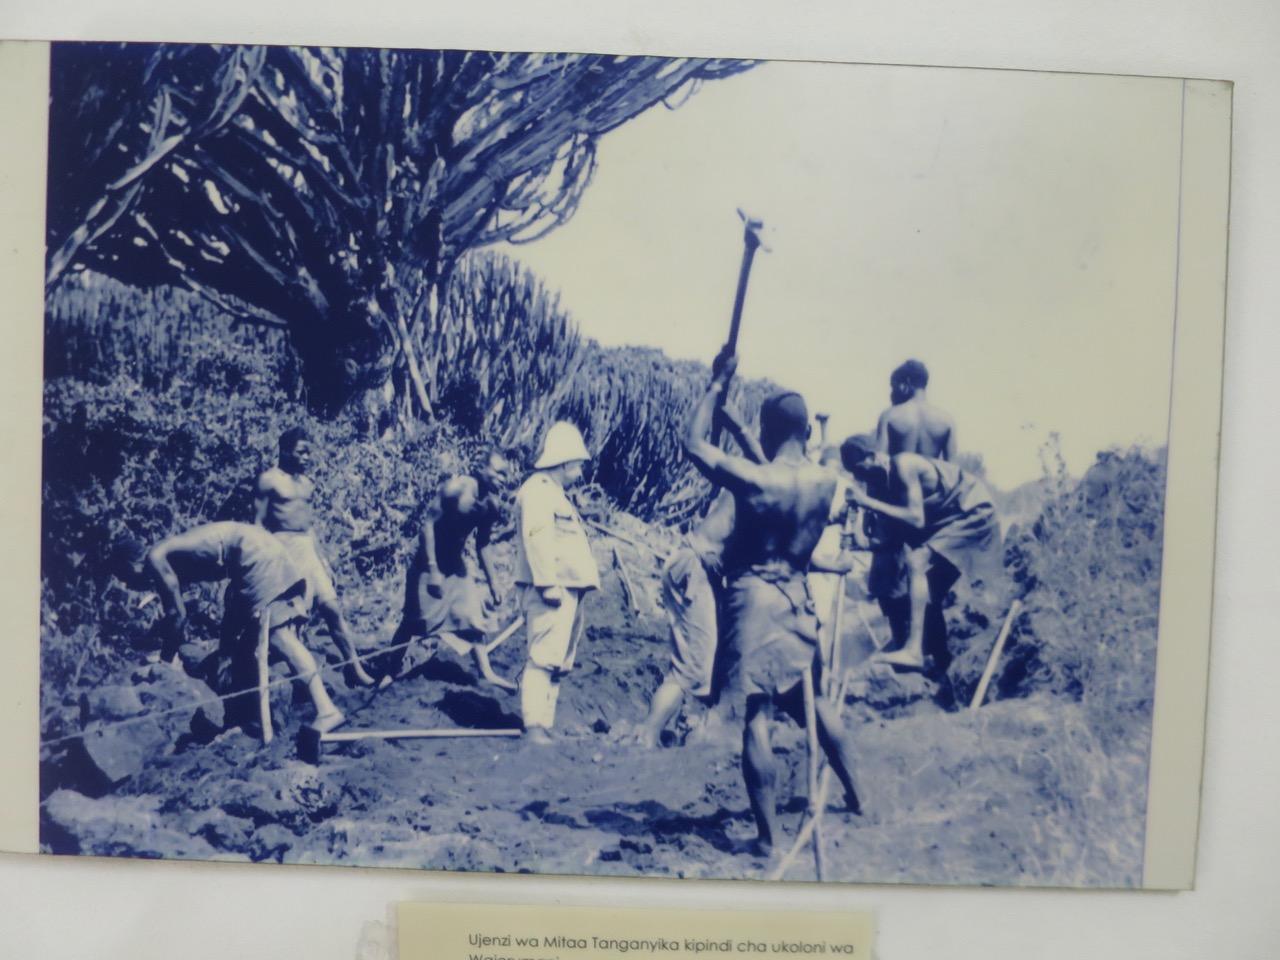 Dar es Salaam 1 27